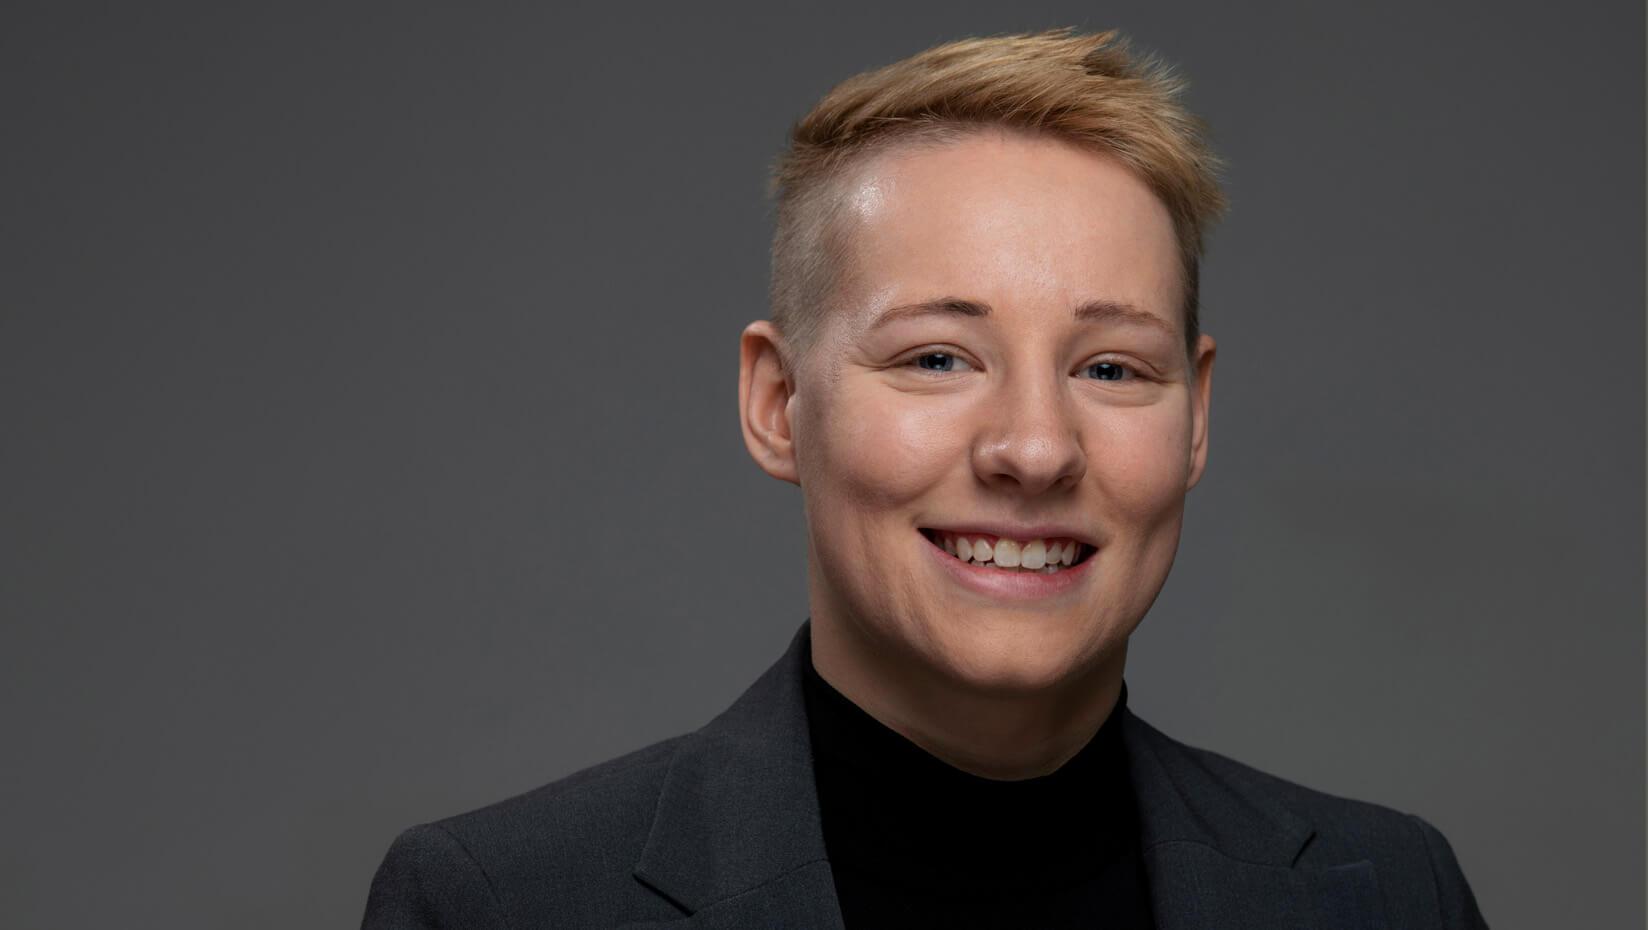 Shayla Kleisinger